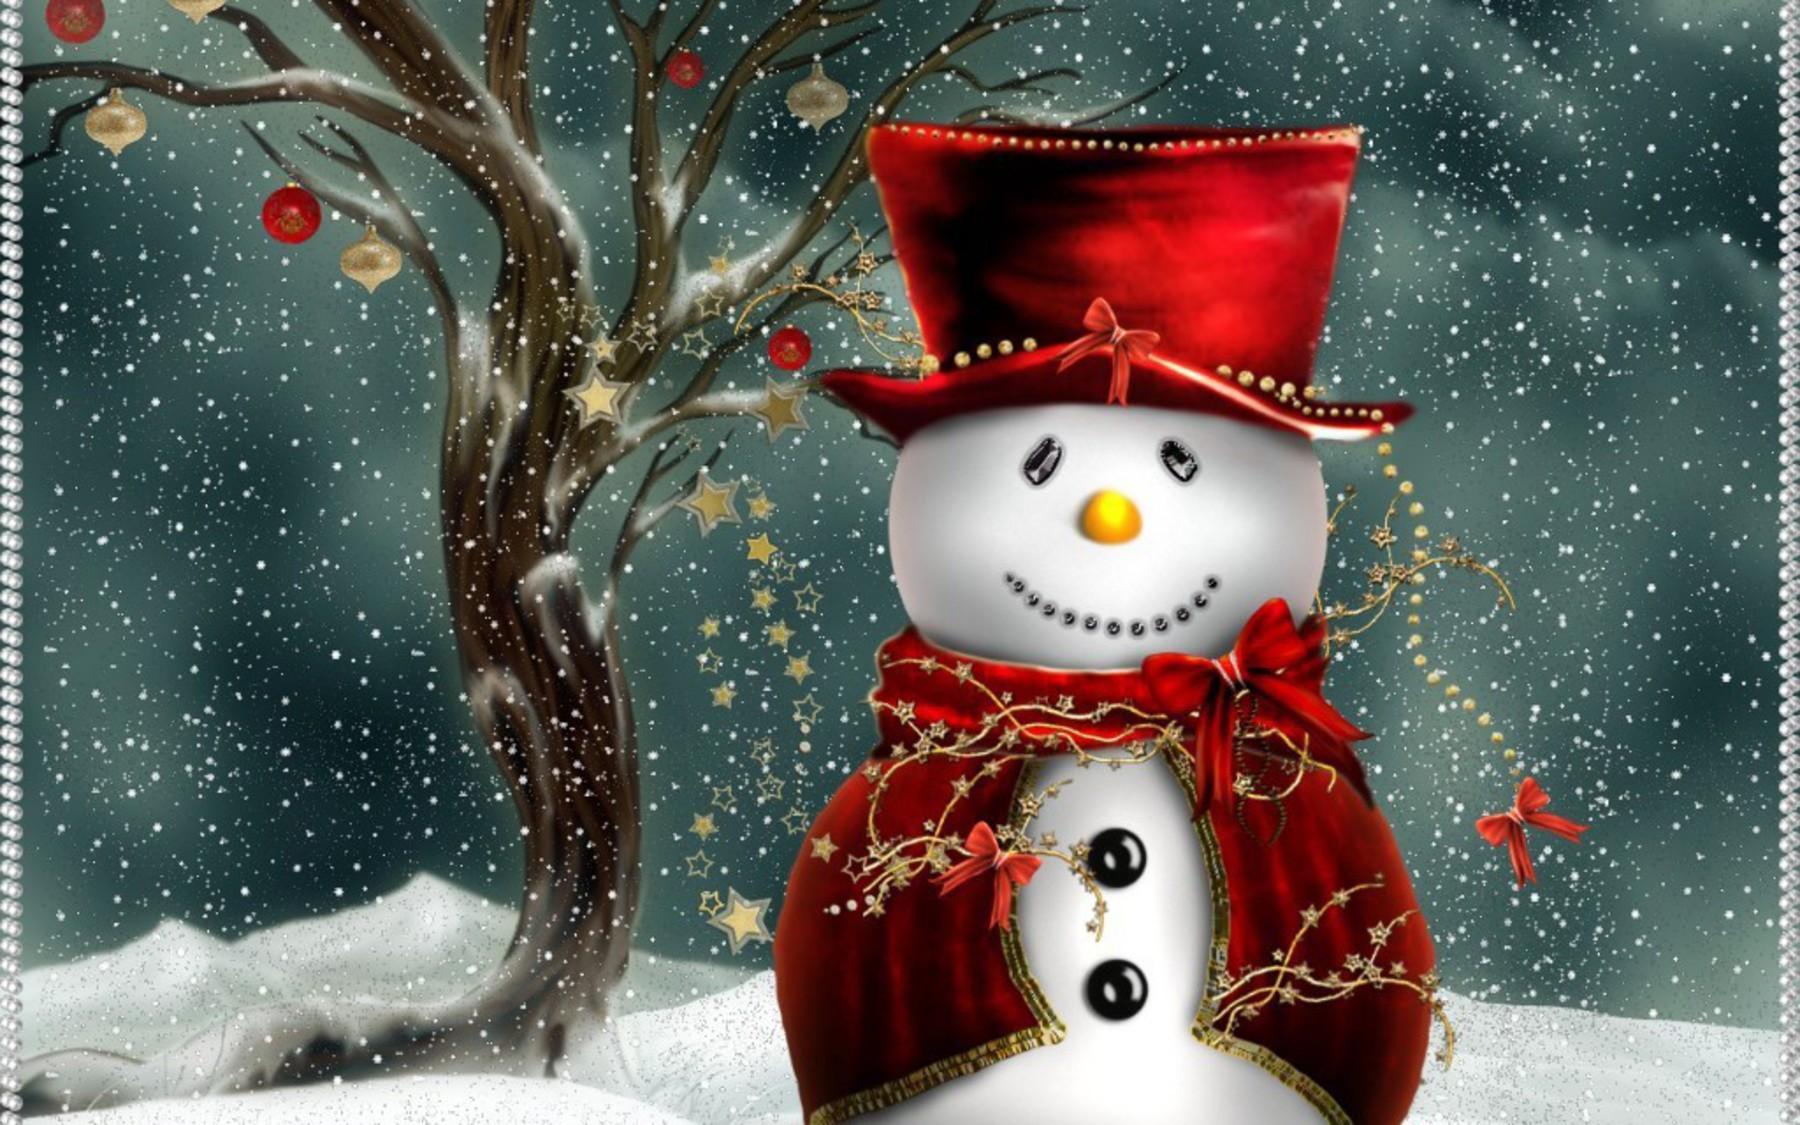 STT giáng sinh (Noel) vui nhộn dành riêng cho FA